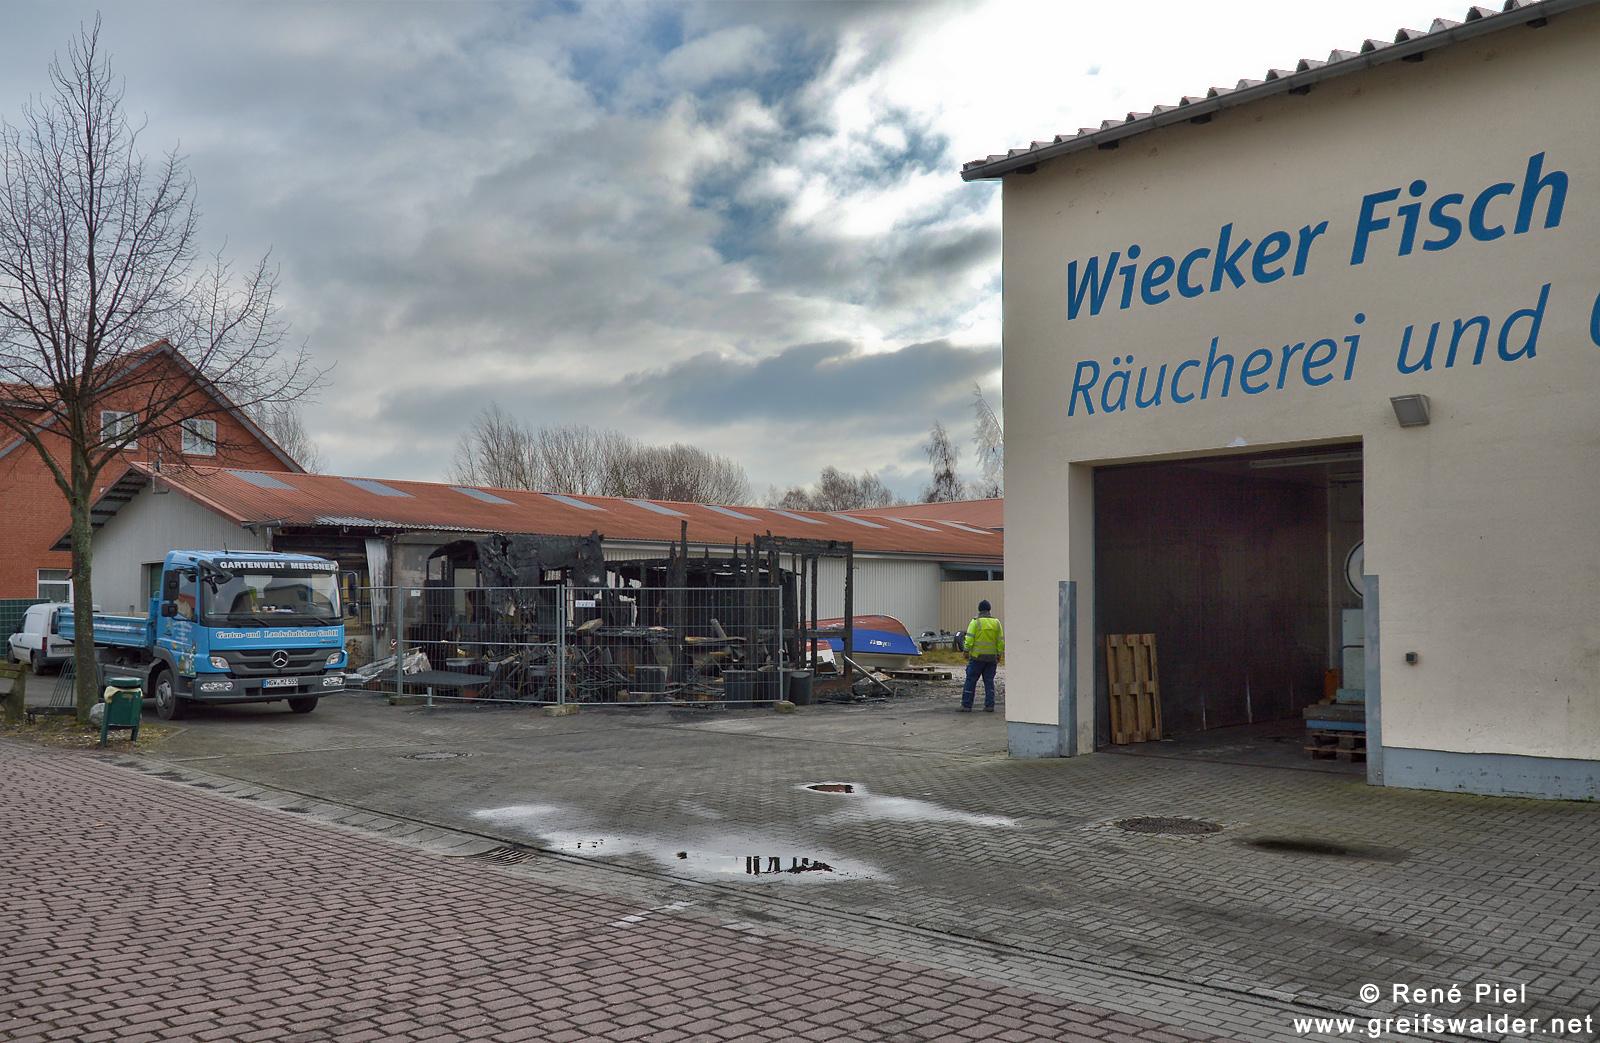 Imbisskiosk nach einem Brand in Greifswald-Wieck